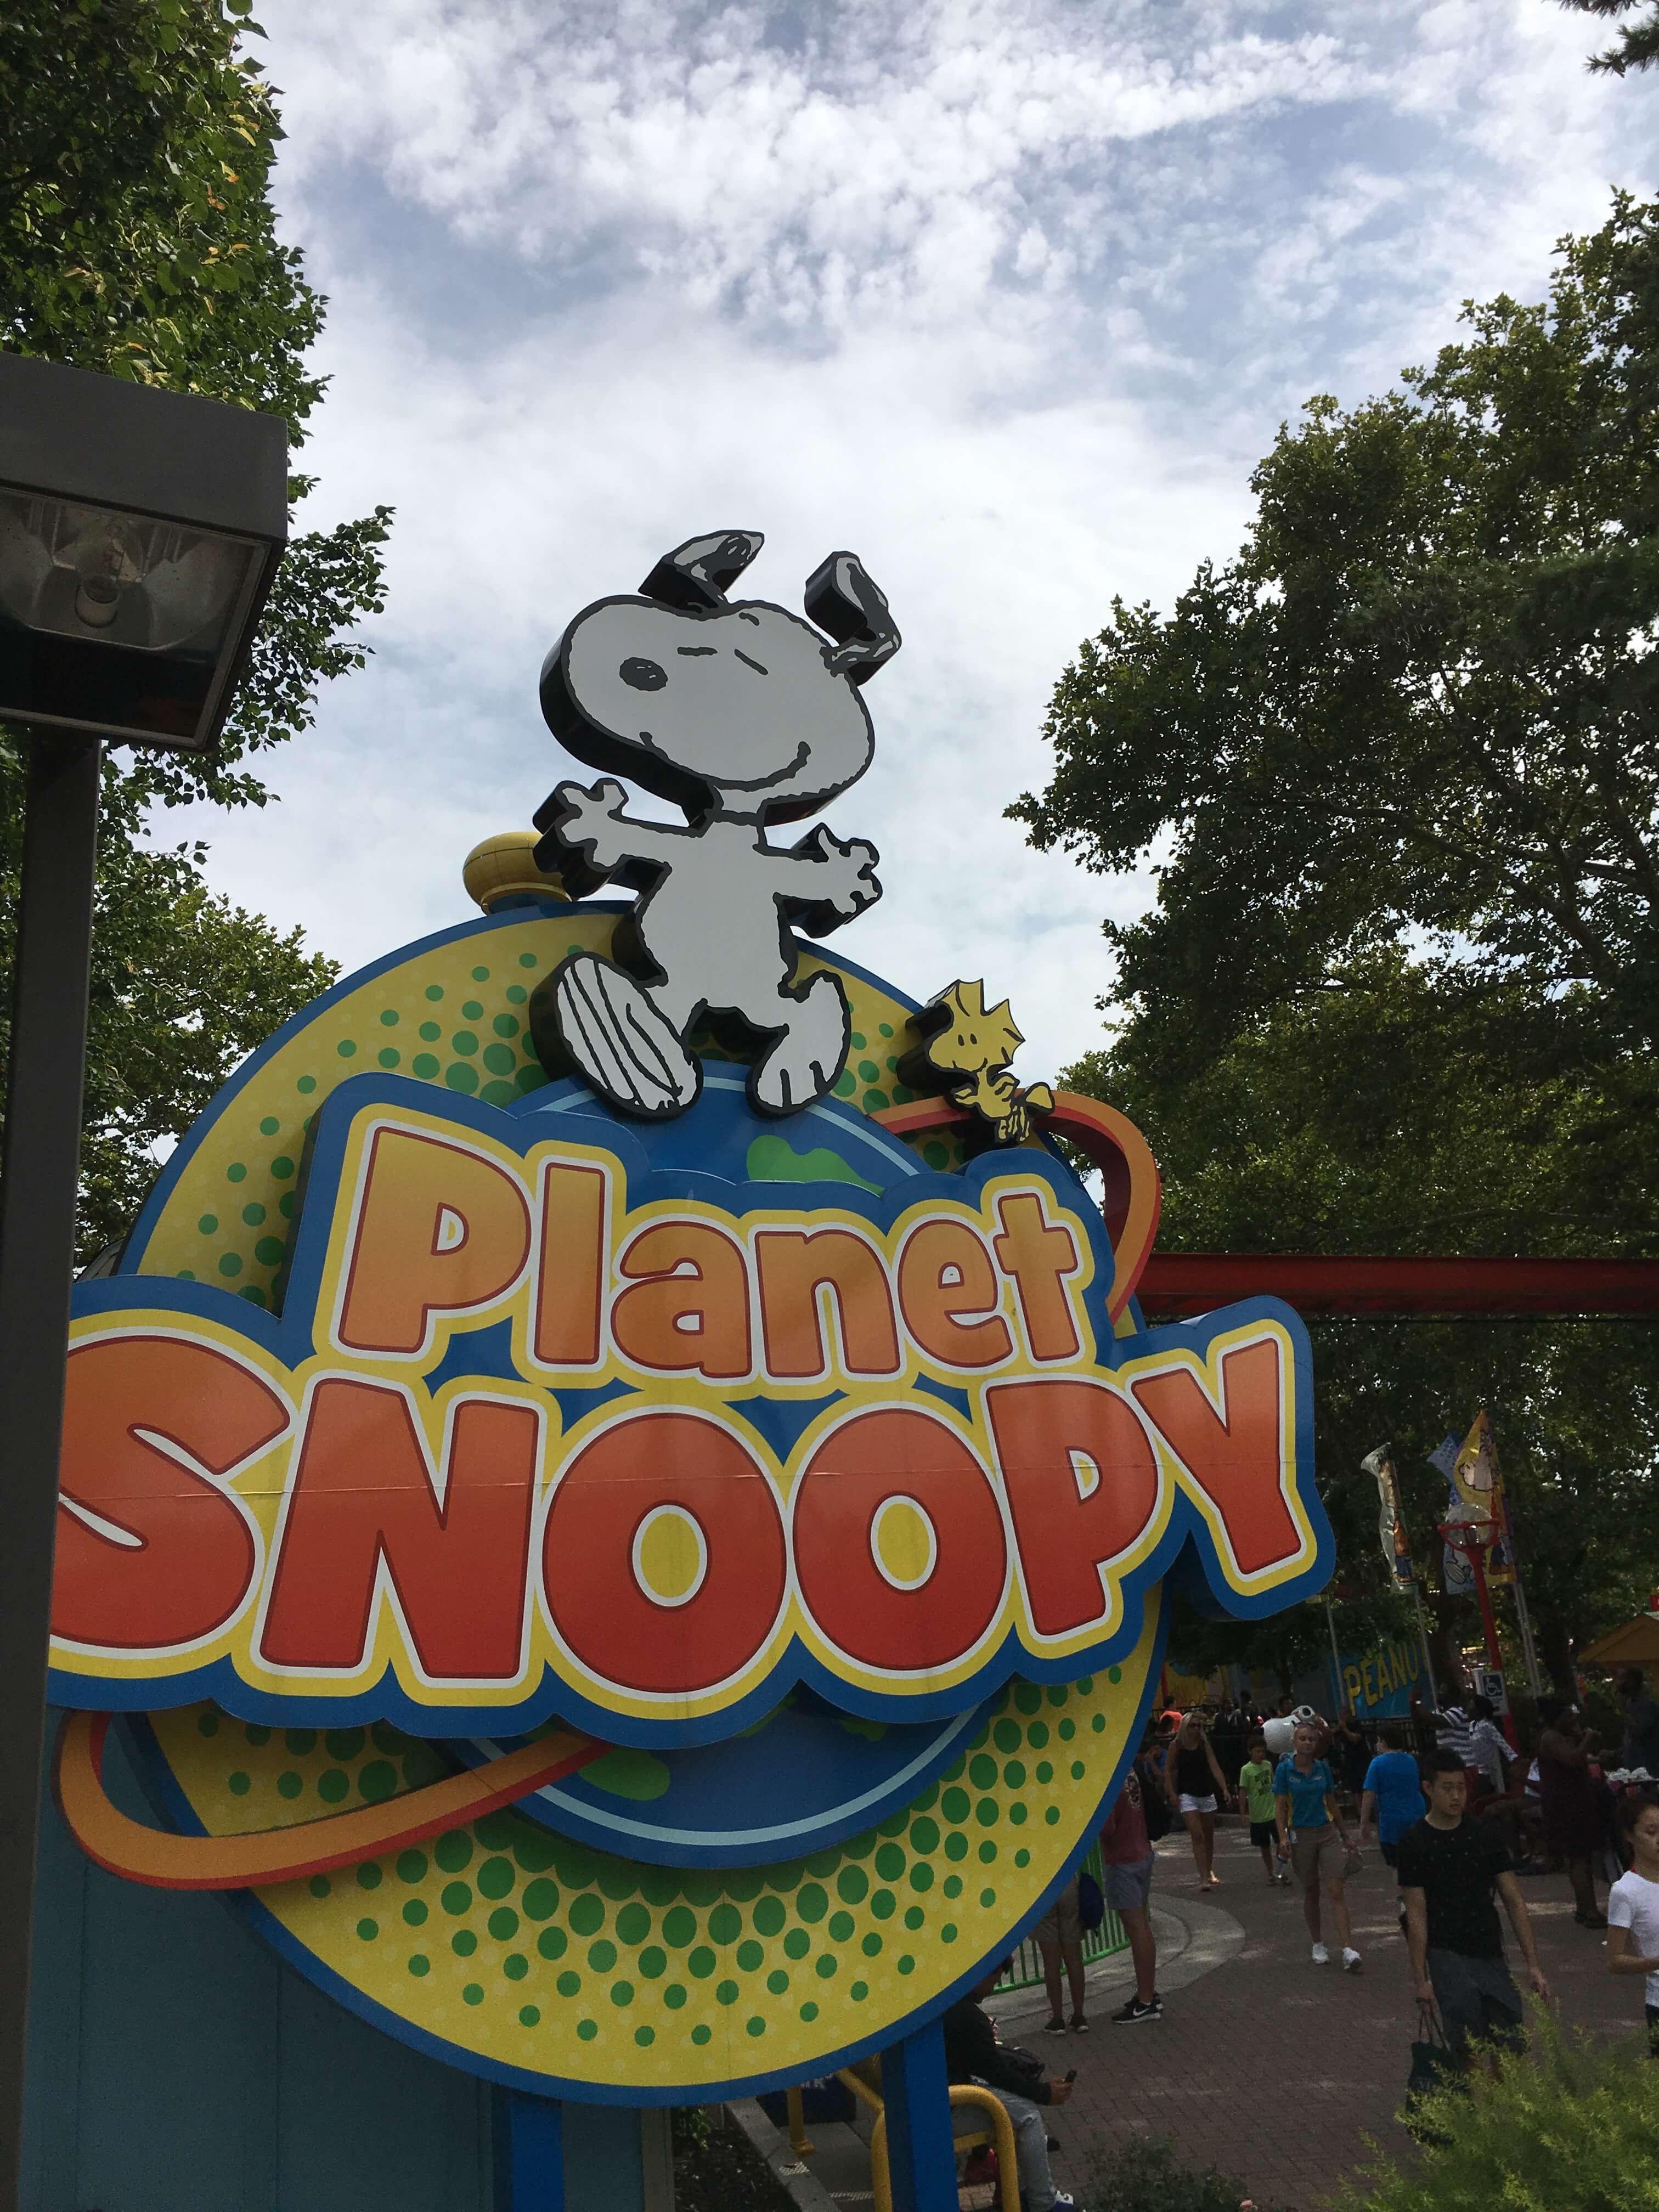 planet snoppy dorney park